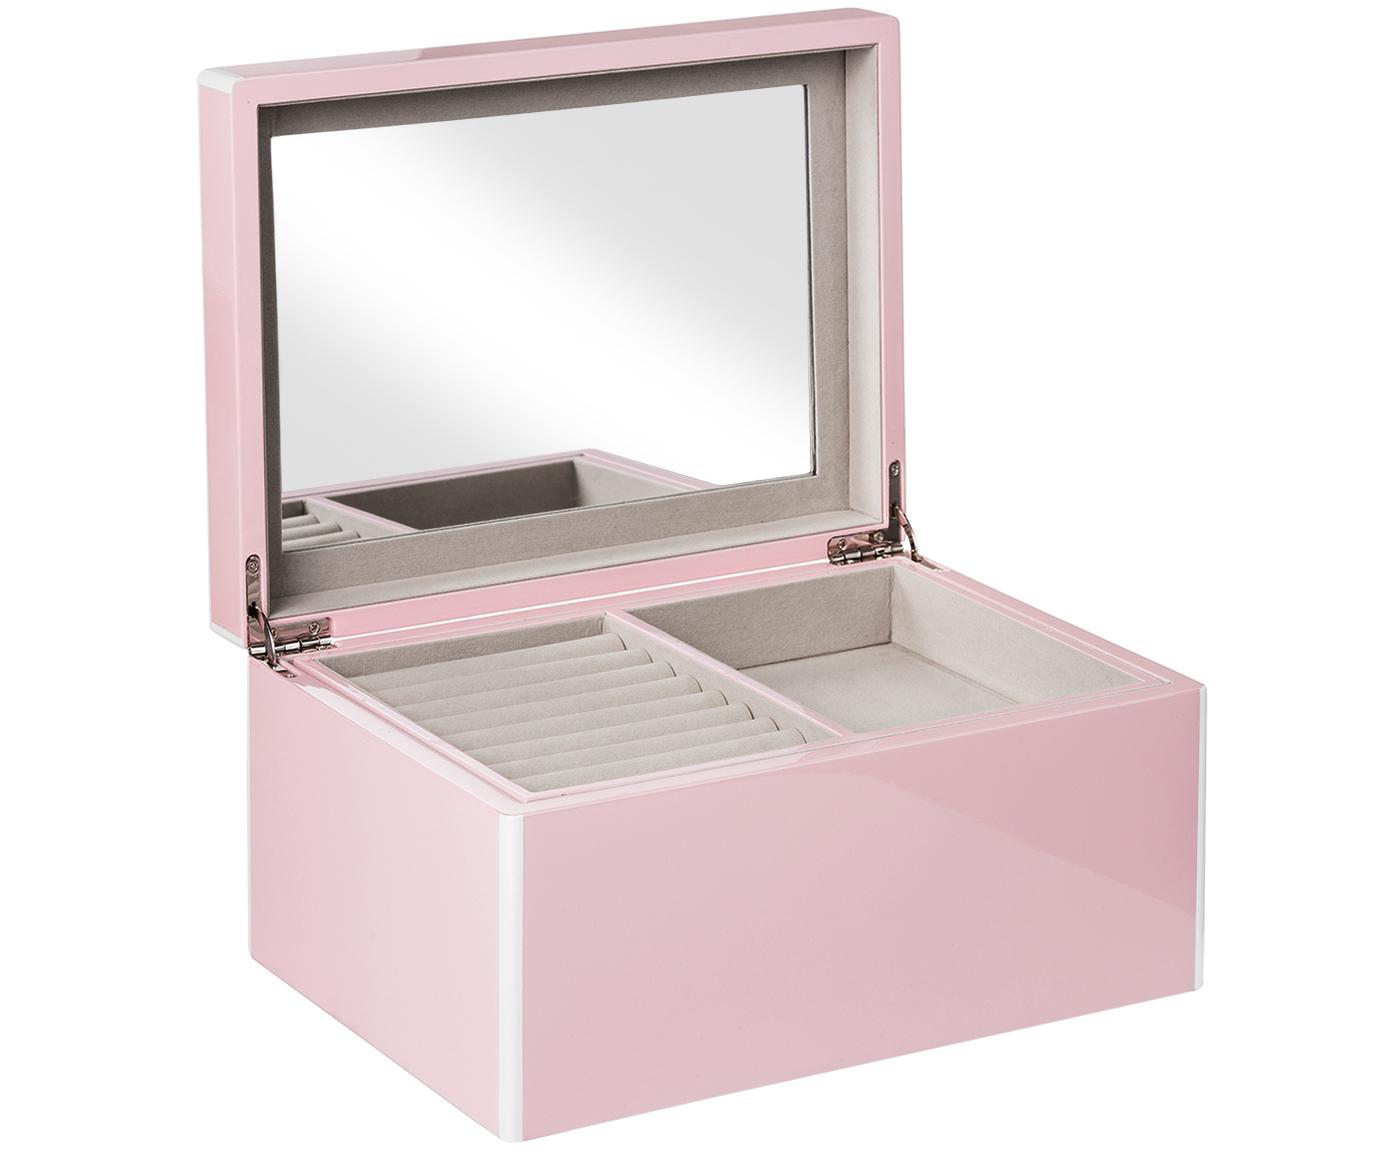 Schmuckbox Taylor mit Spiegel, Unterseite: Samt zur Schonung der Möb, Rosa, 26 x 13 cm